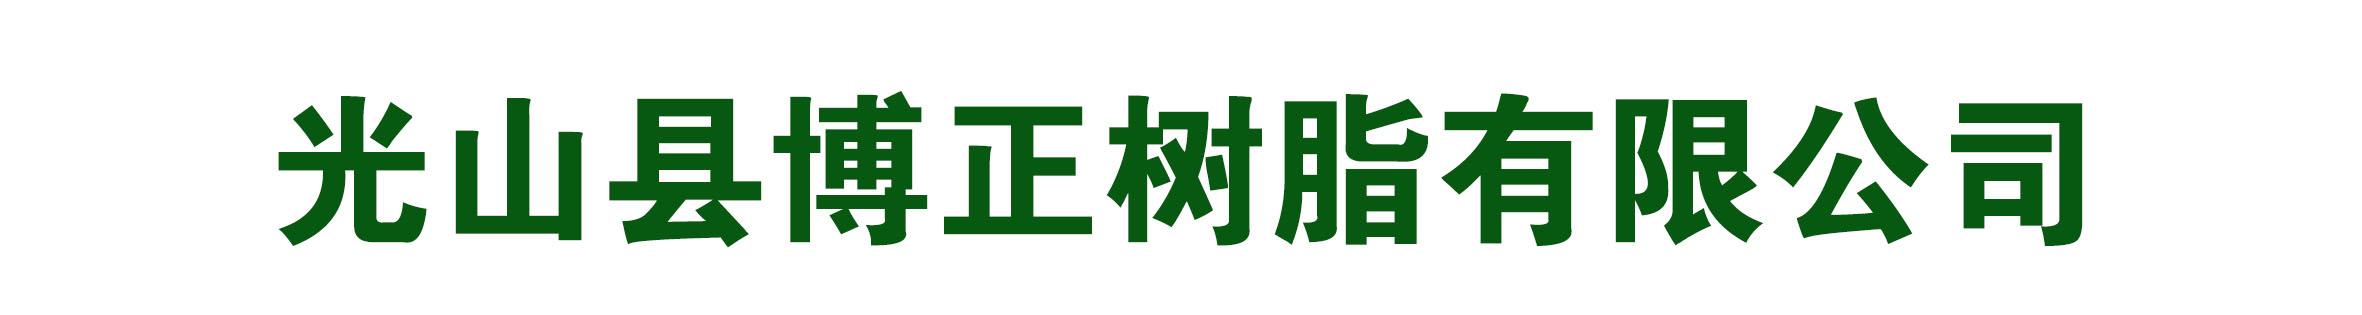 光山县博正树脂北京赛车